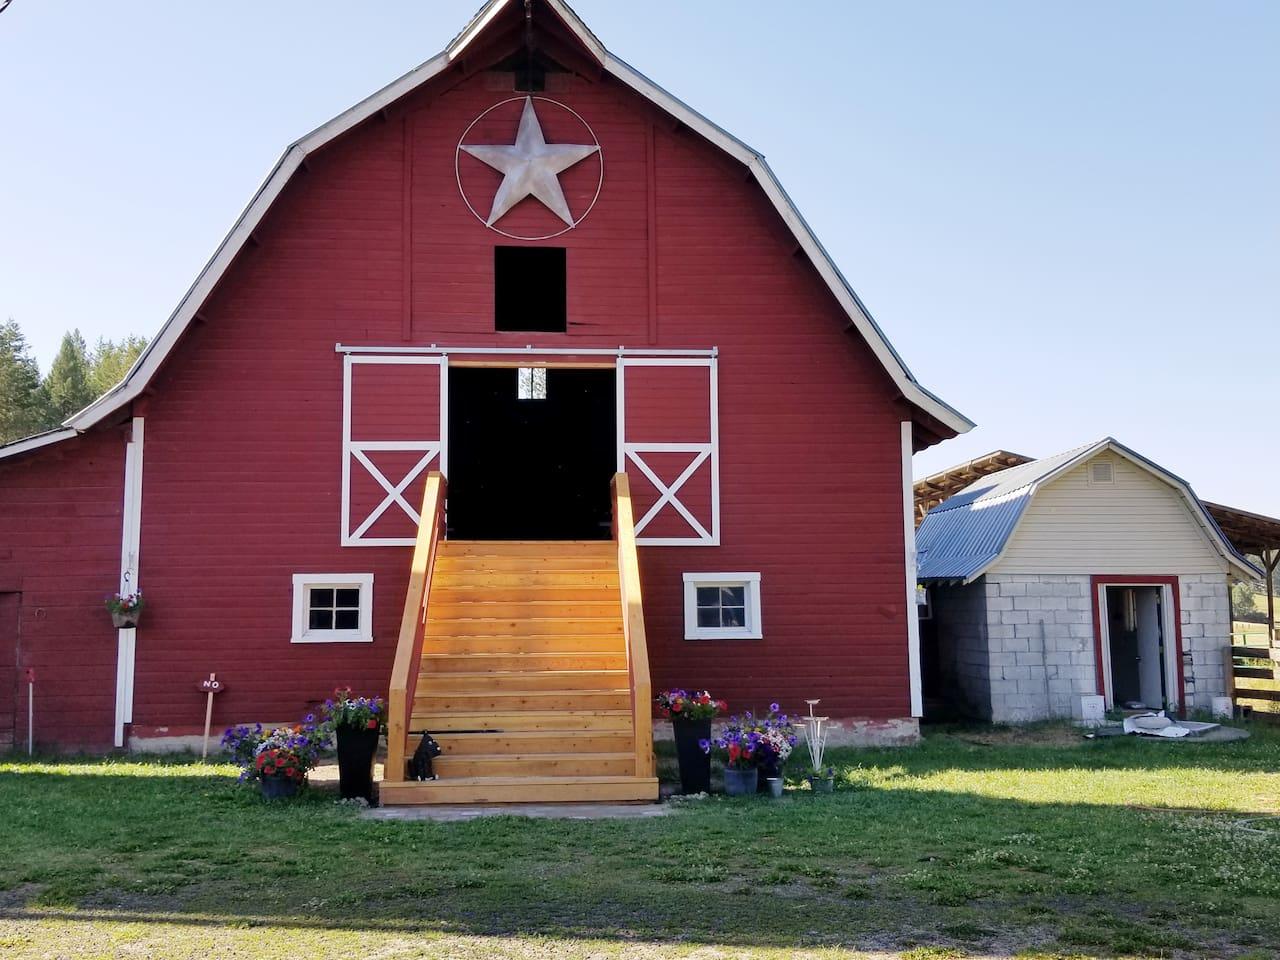 1903 Dairy Barn converted into a wedding venue